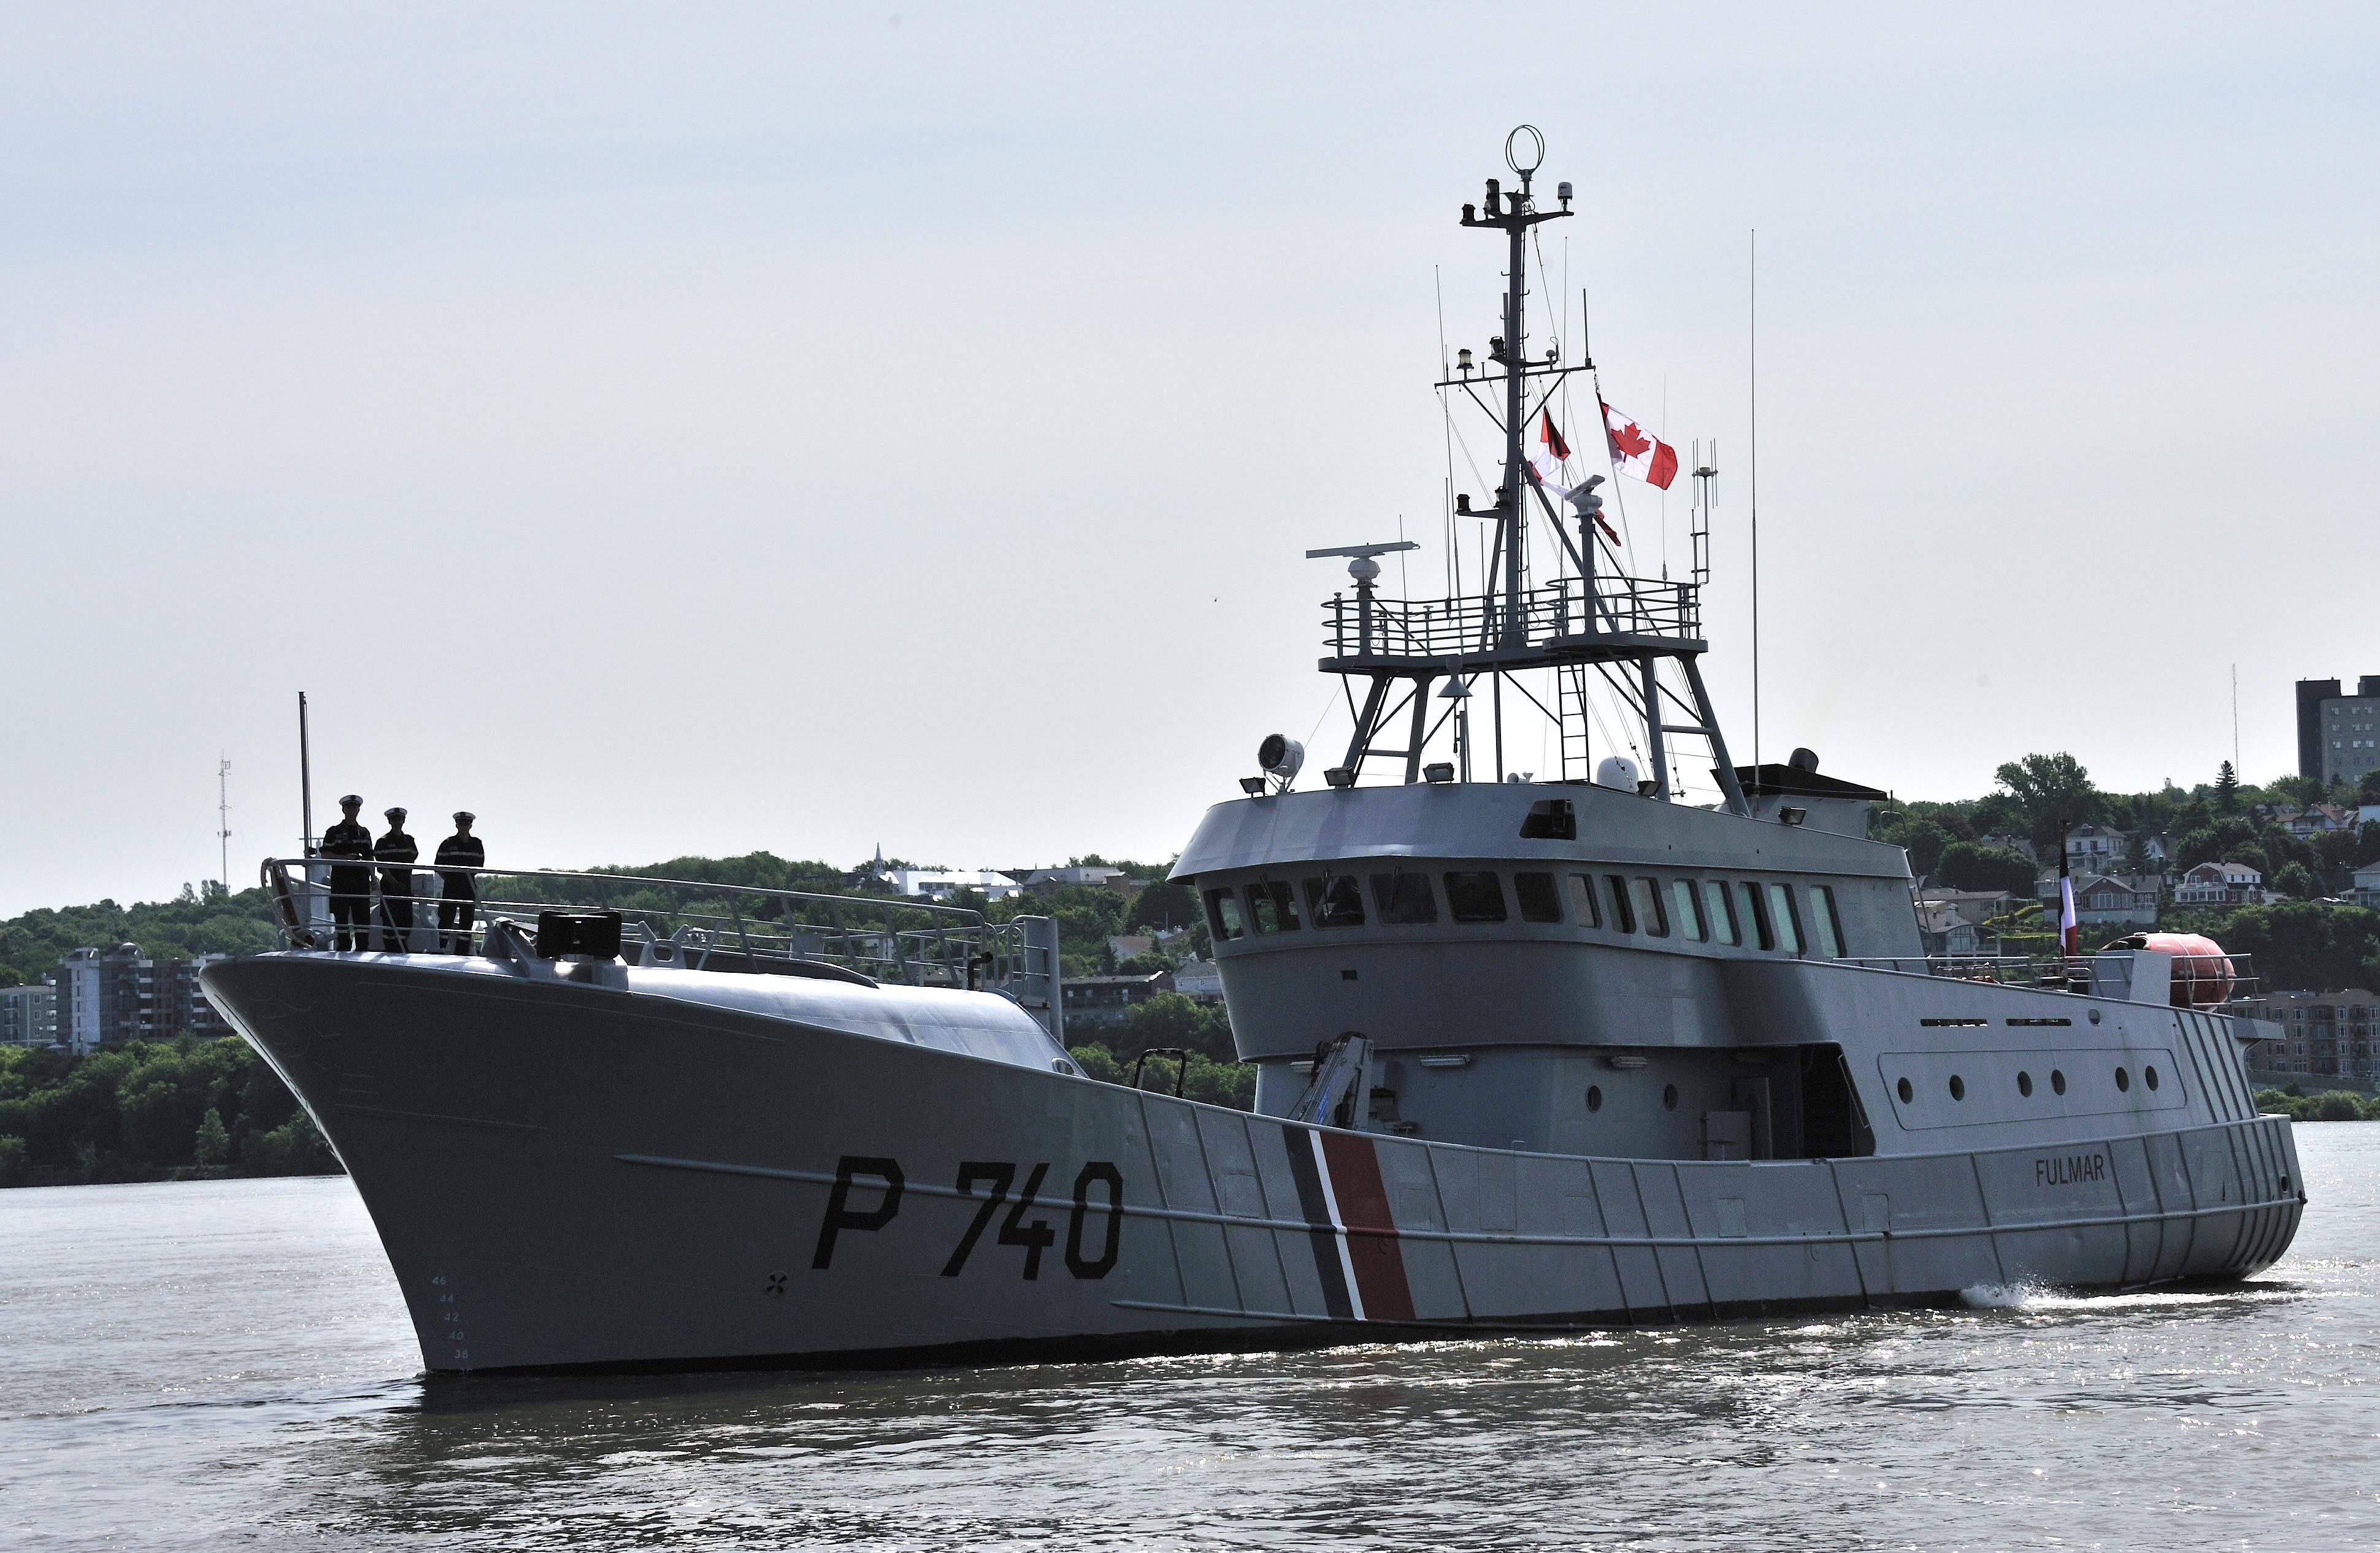 Les patrouilleurs de la Marine Nationale - Page 5 35756917733_09569cc3de_o